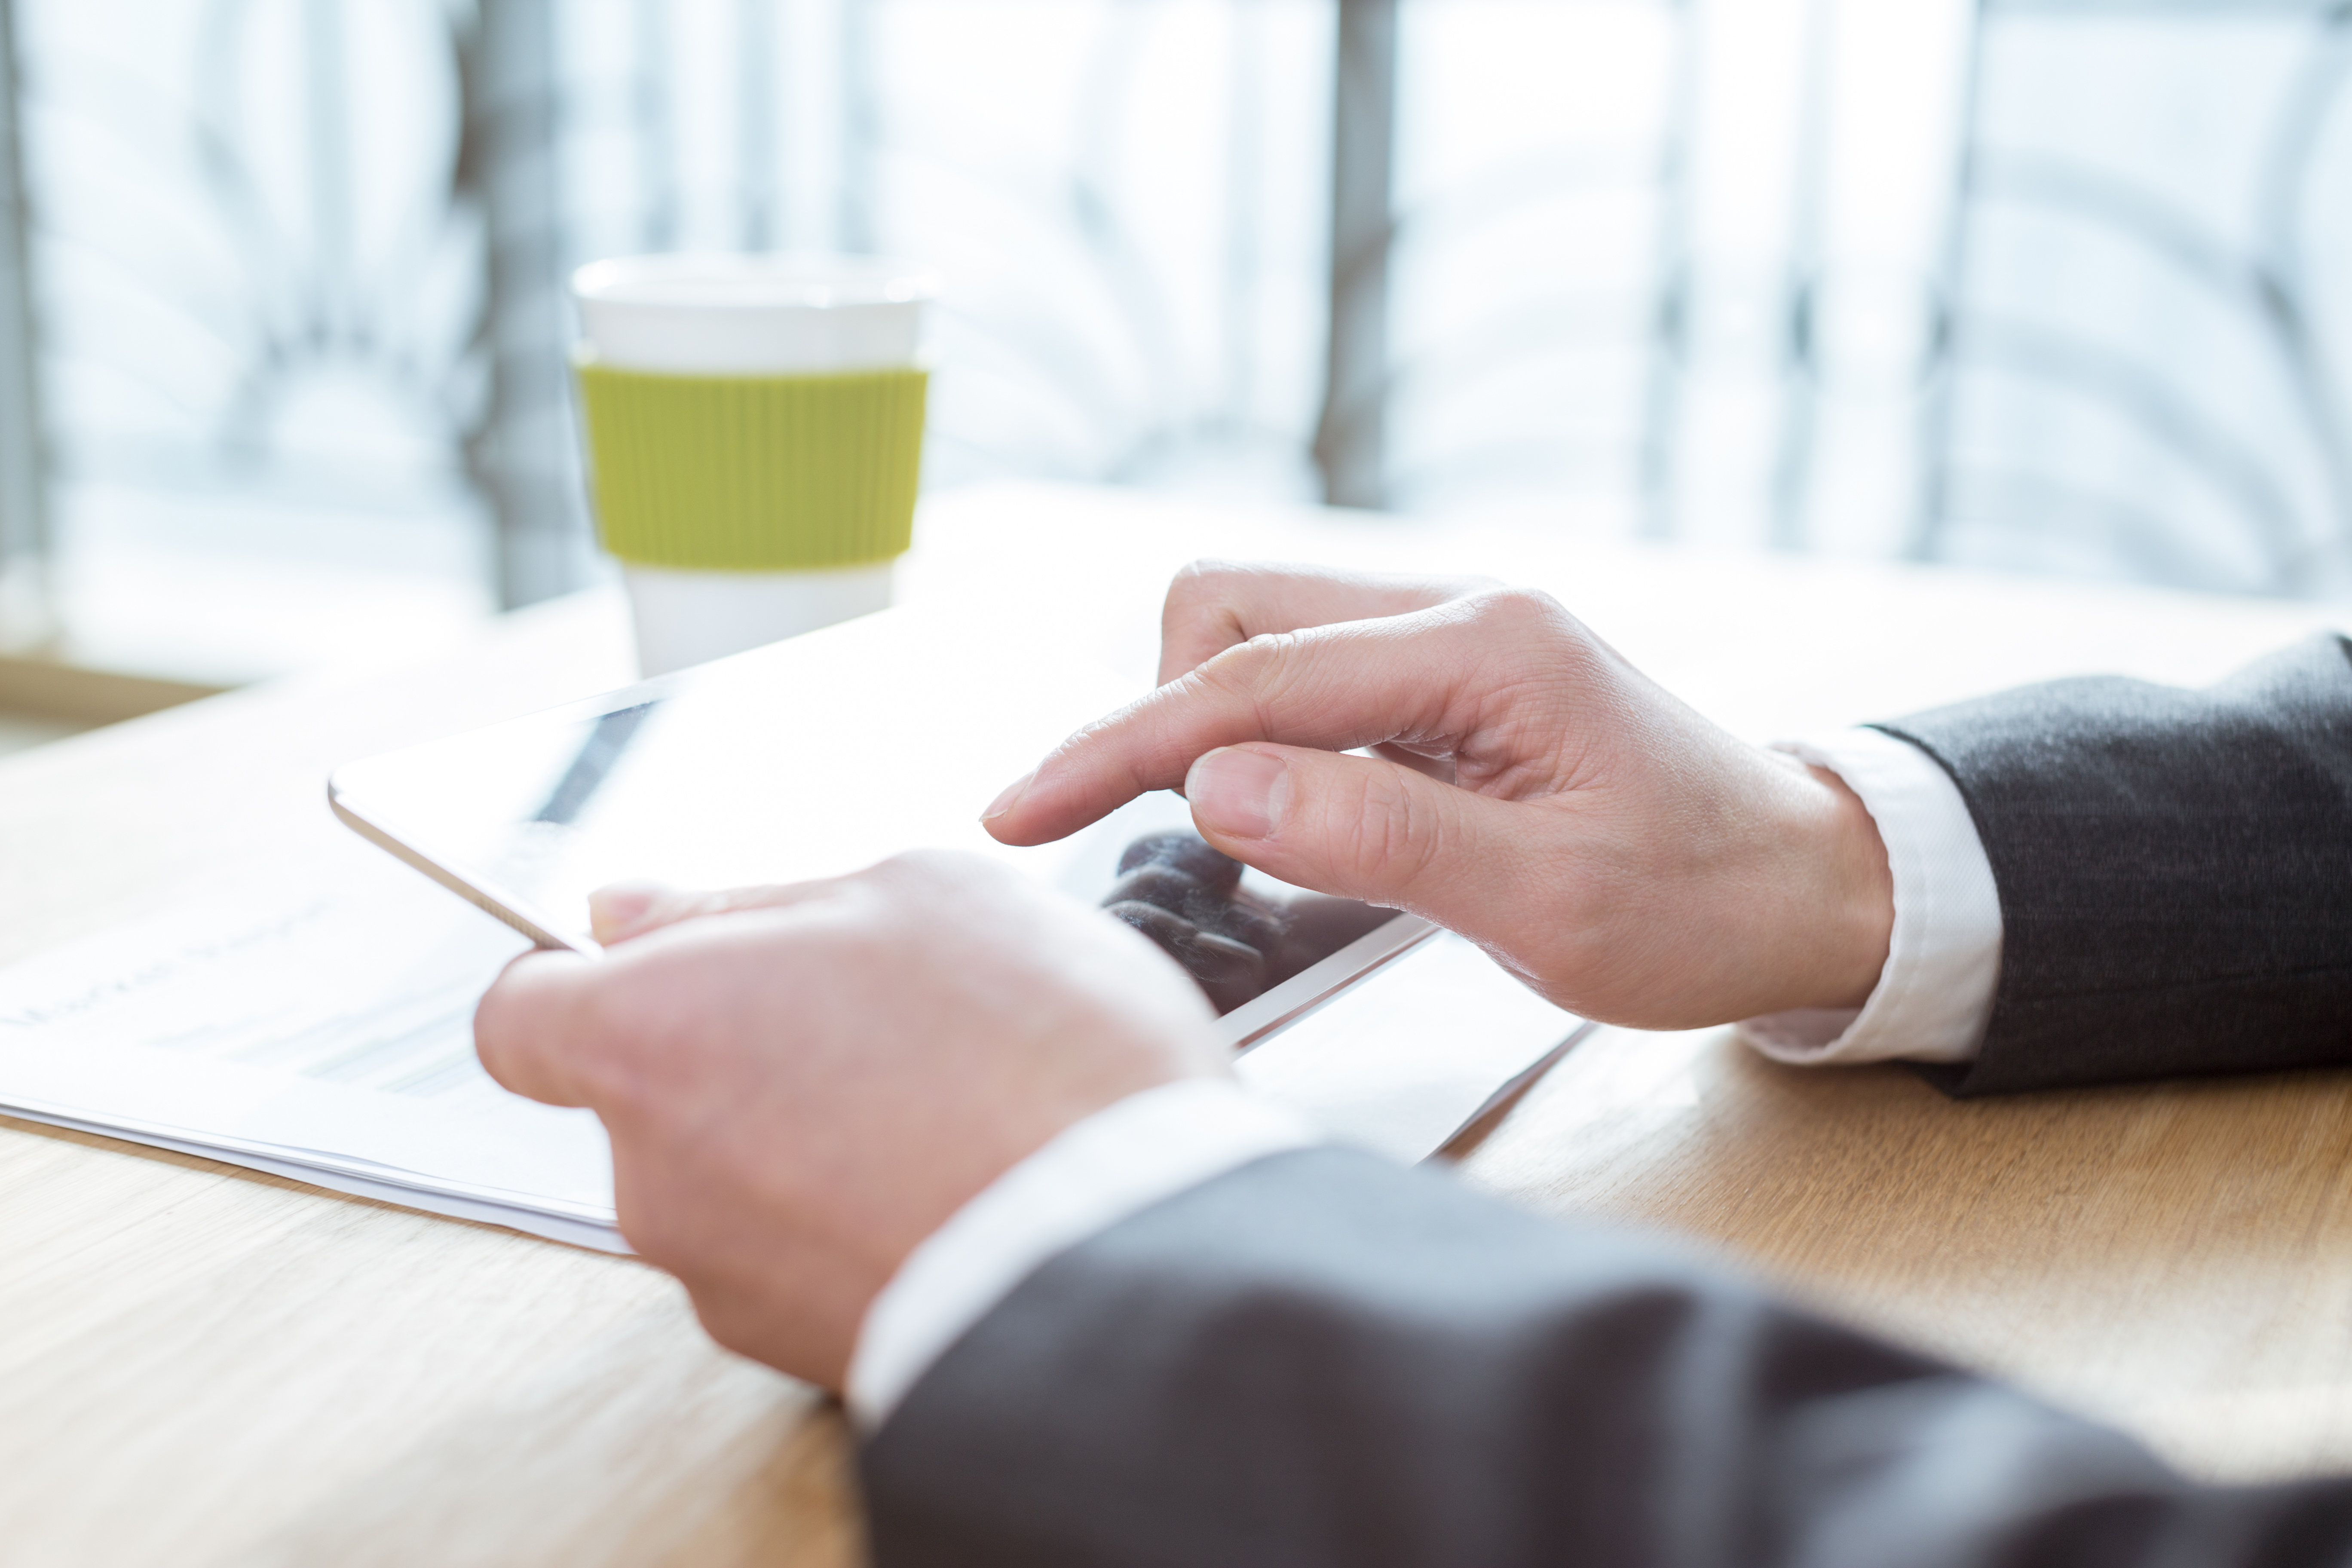 La phygitalisation du secteur bancaire : quels enjeux pour la relation client et le métier de chargé de clientèle